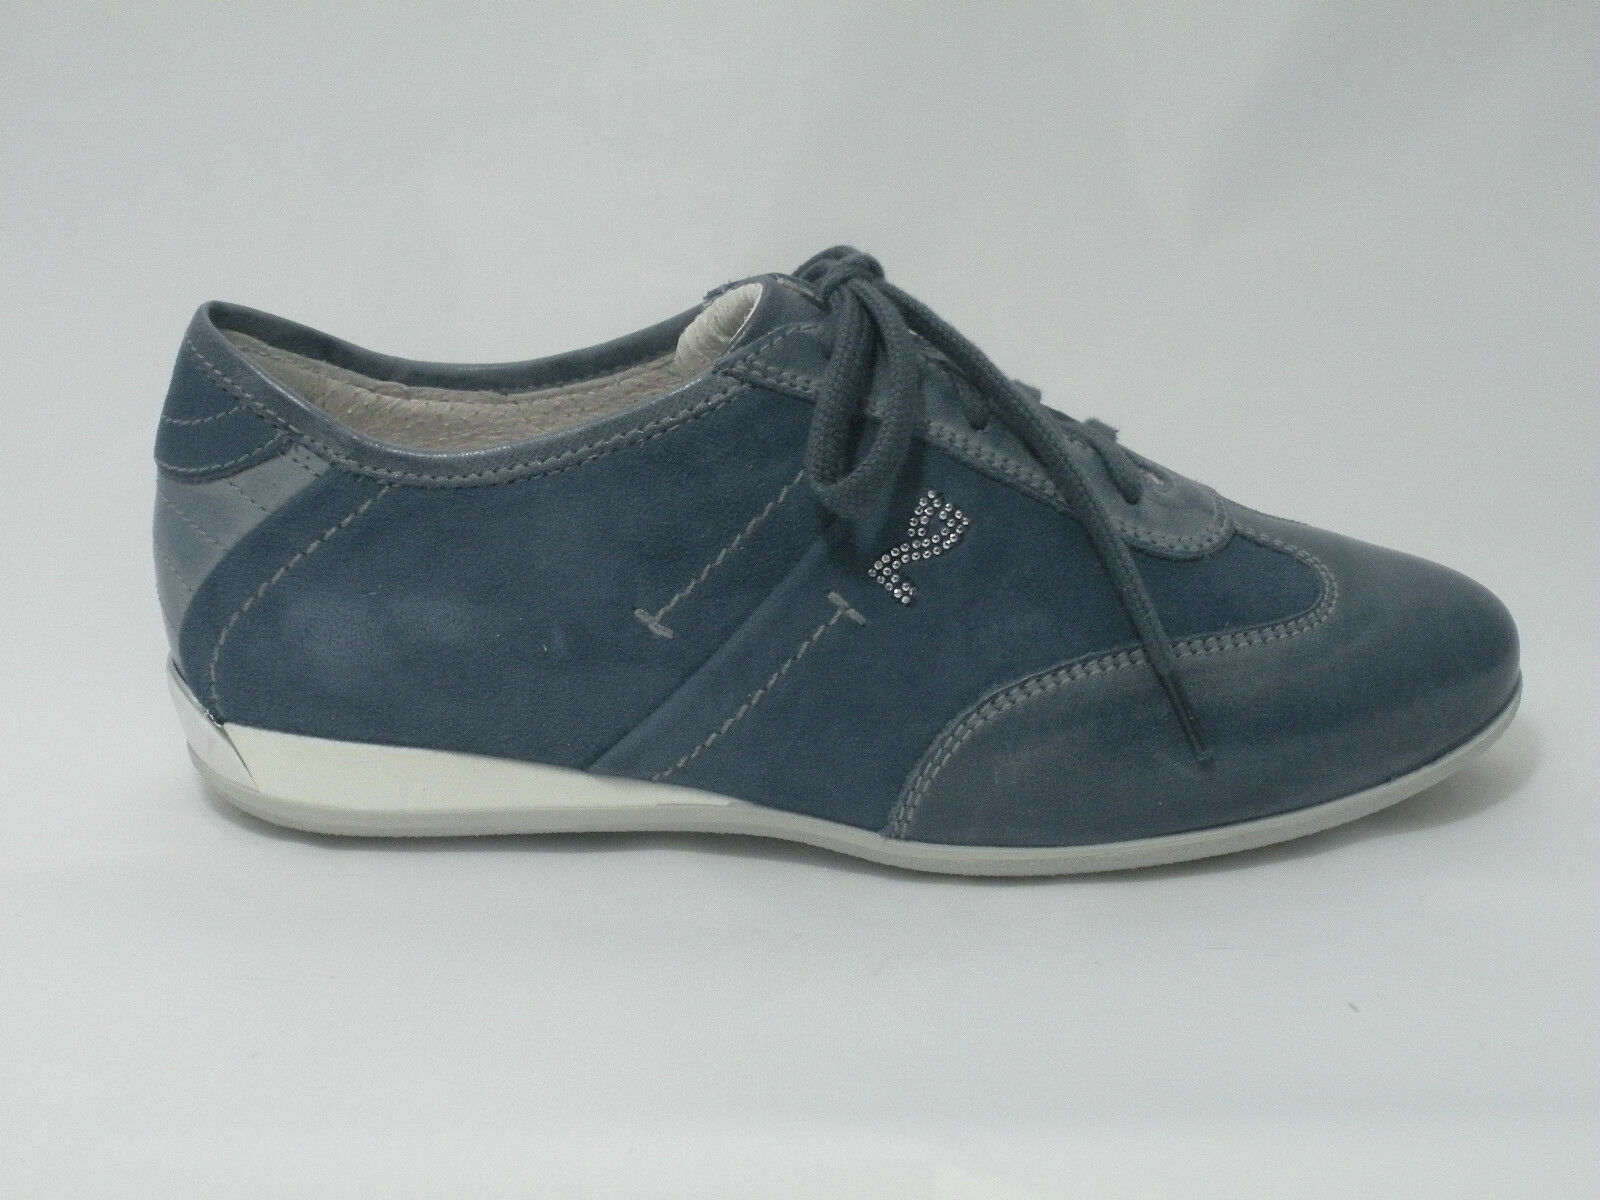 SCARPE NERO GIARDINI DONNA DONNA DONNA scarpe da ginnastica P308442D CAMOSCIO NAVY MADE IN ITALY scarpe 2e244a